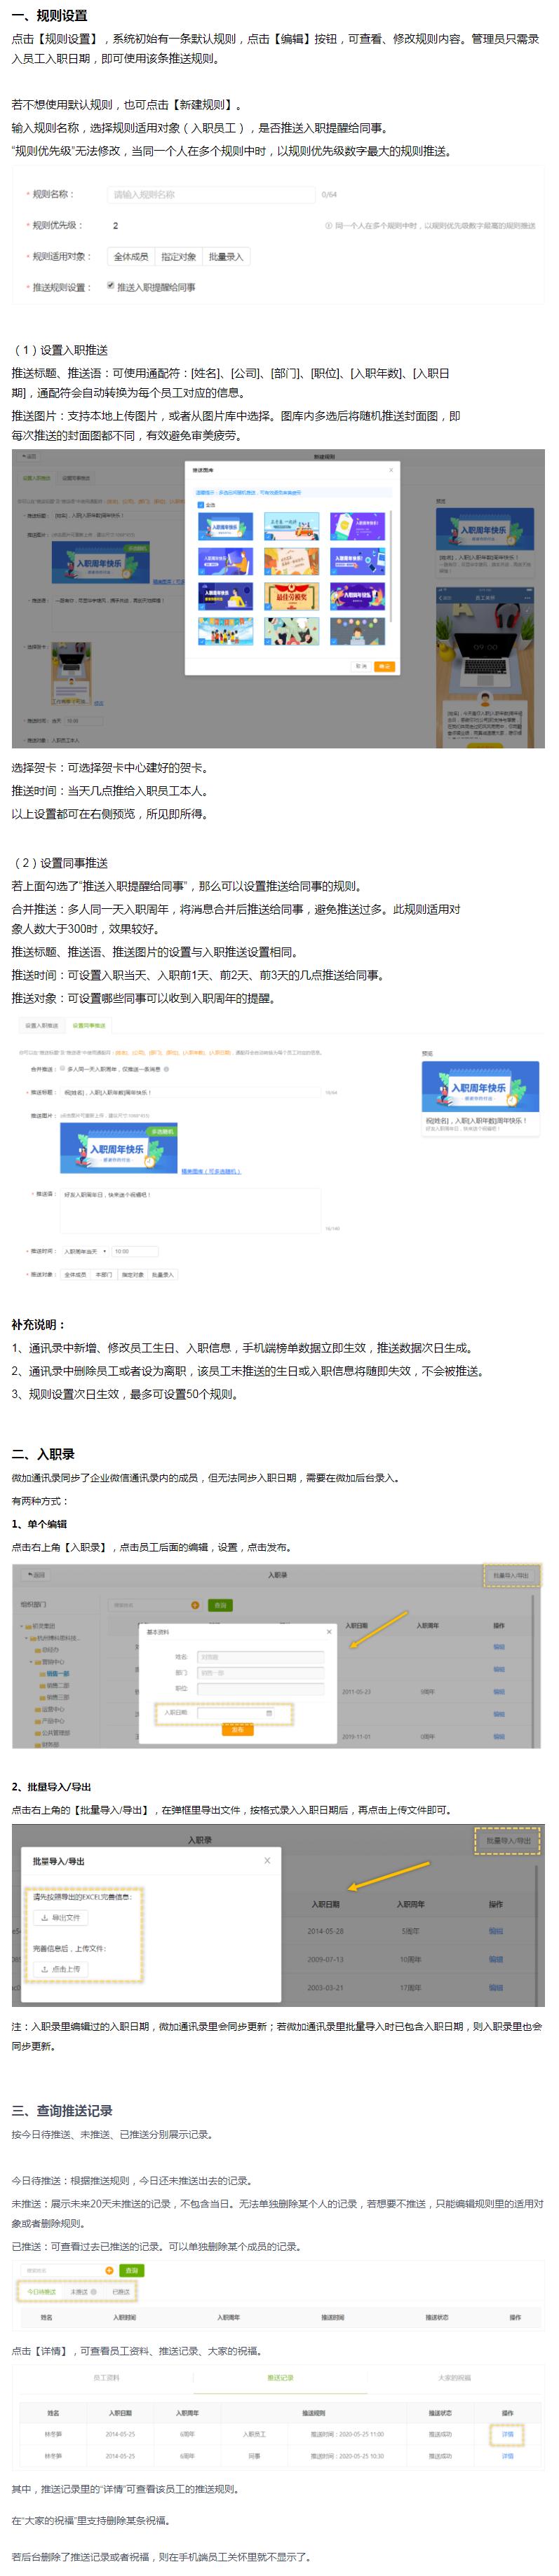 微加云文化-后台入职周年的操作指南!